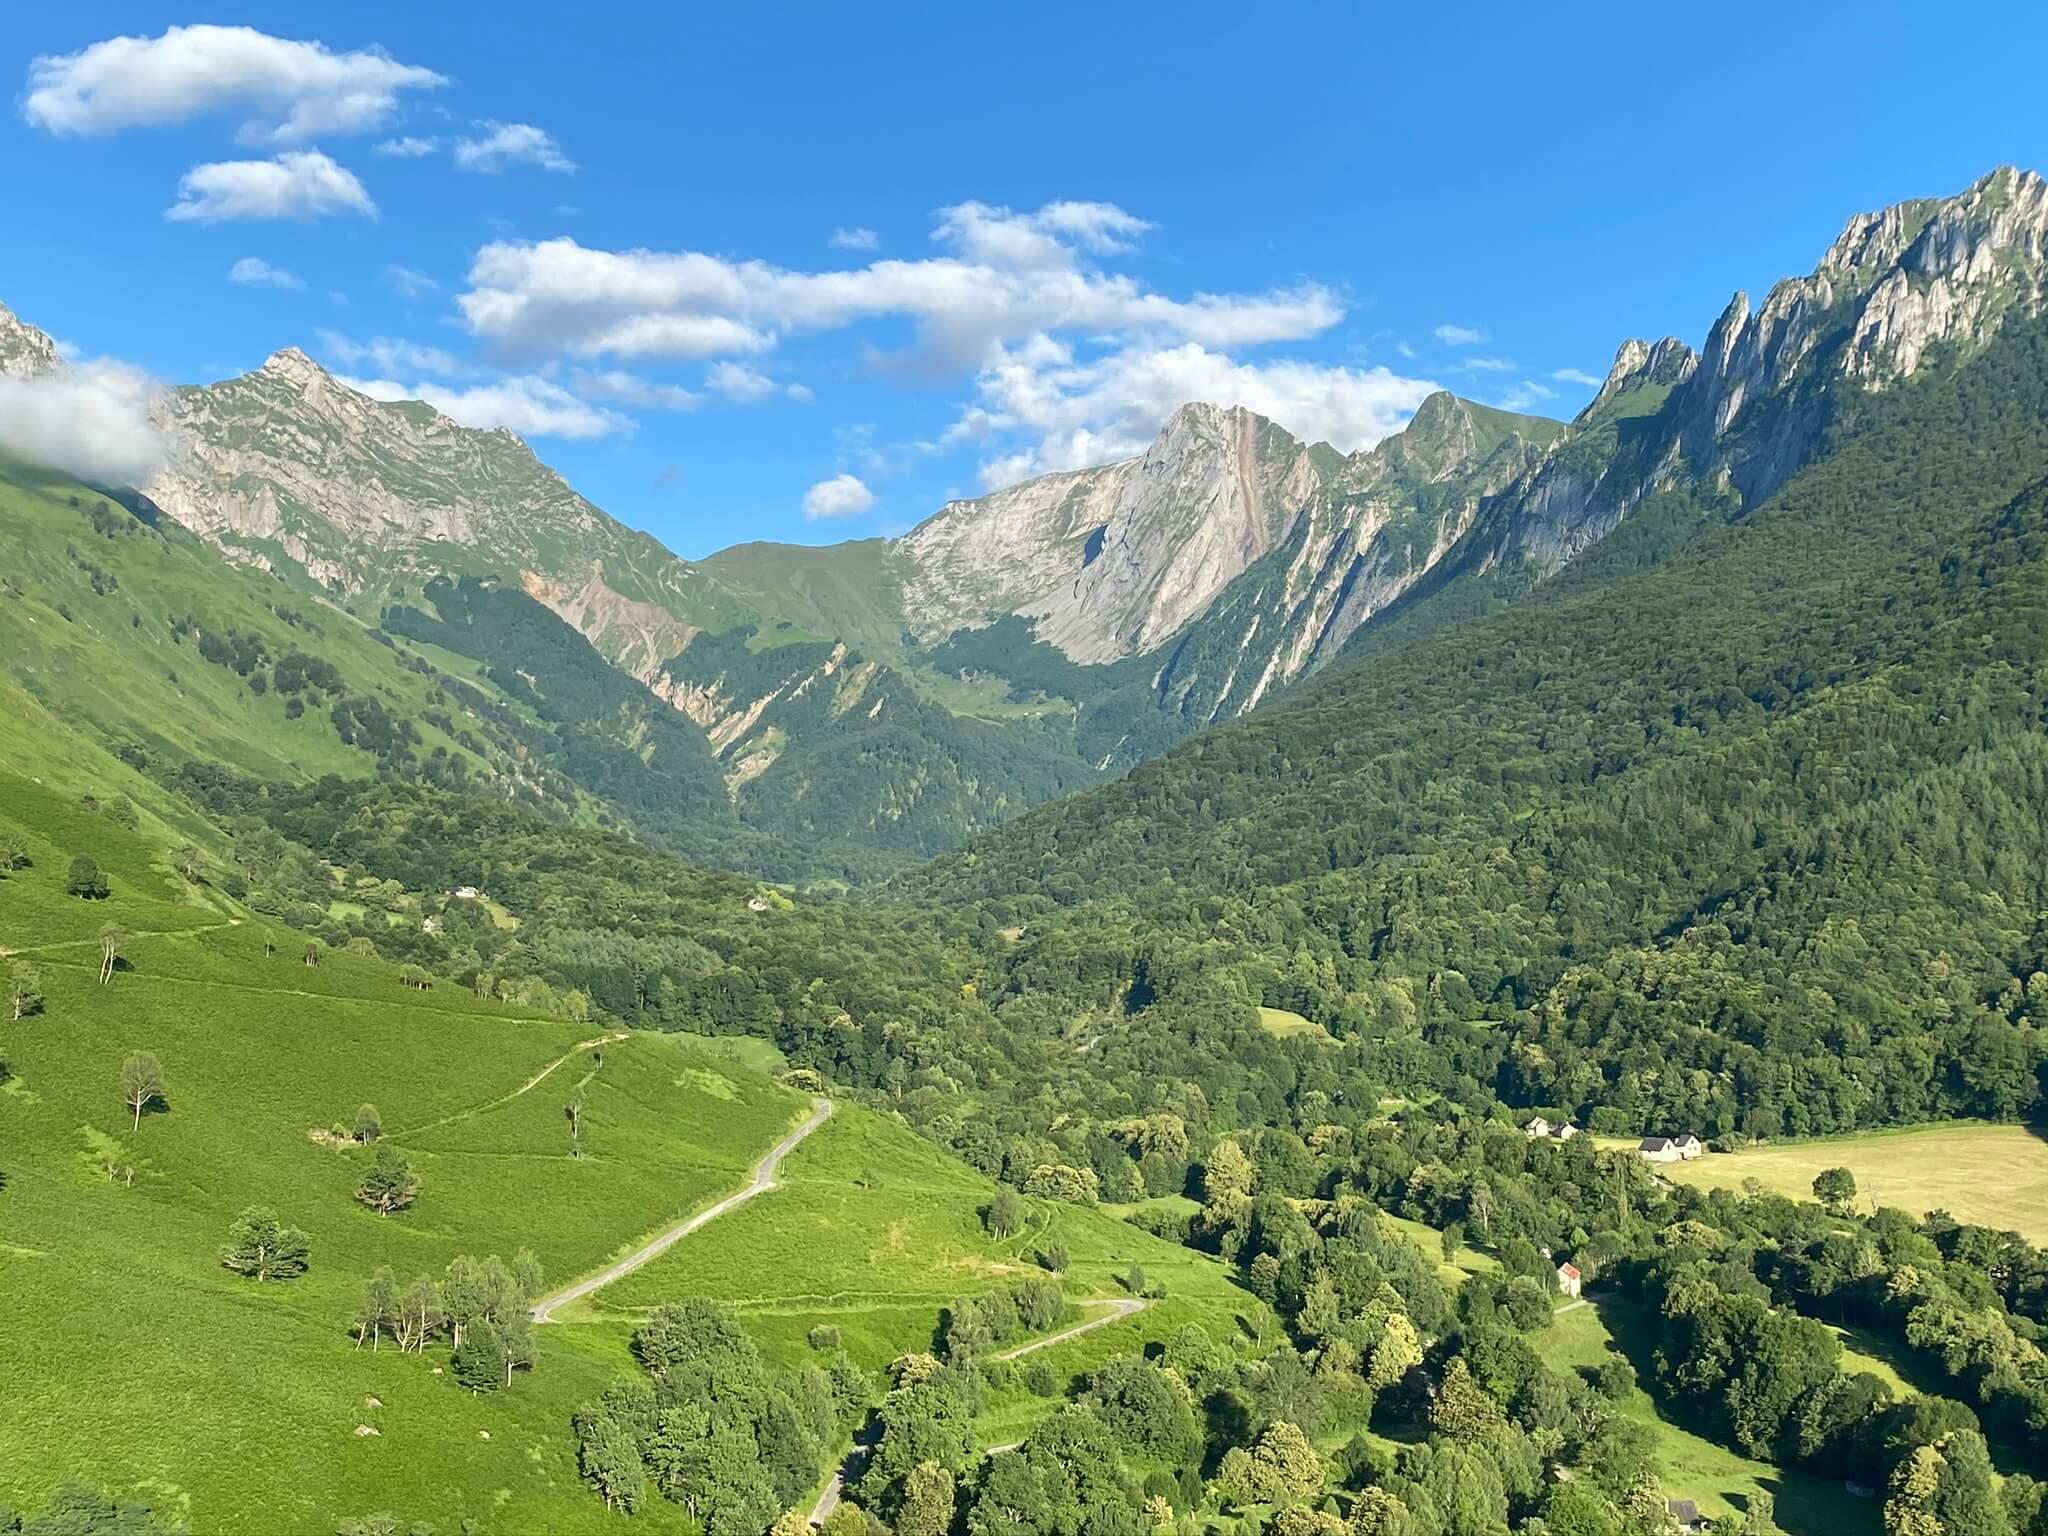 Entourés des Pics de Permayou et de Bergon, on voit le col d'Iseye (1829 m) qui mène en vallée d'Ossau